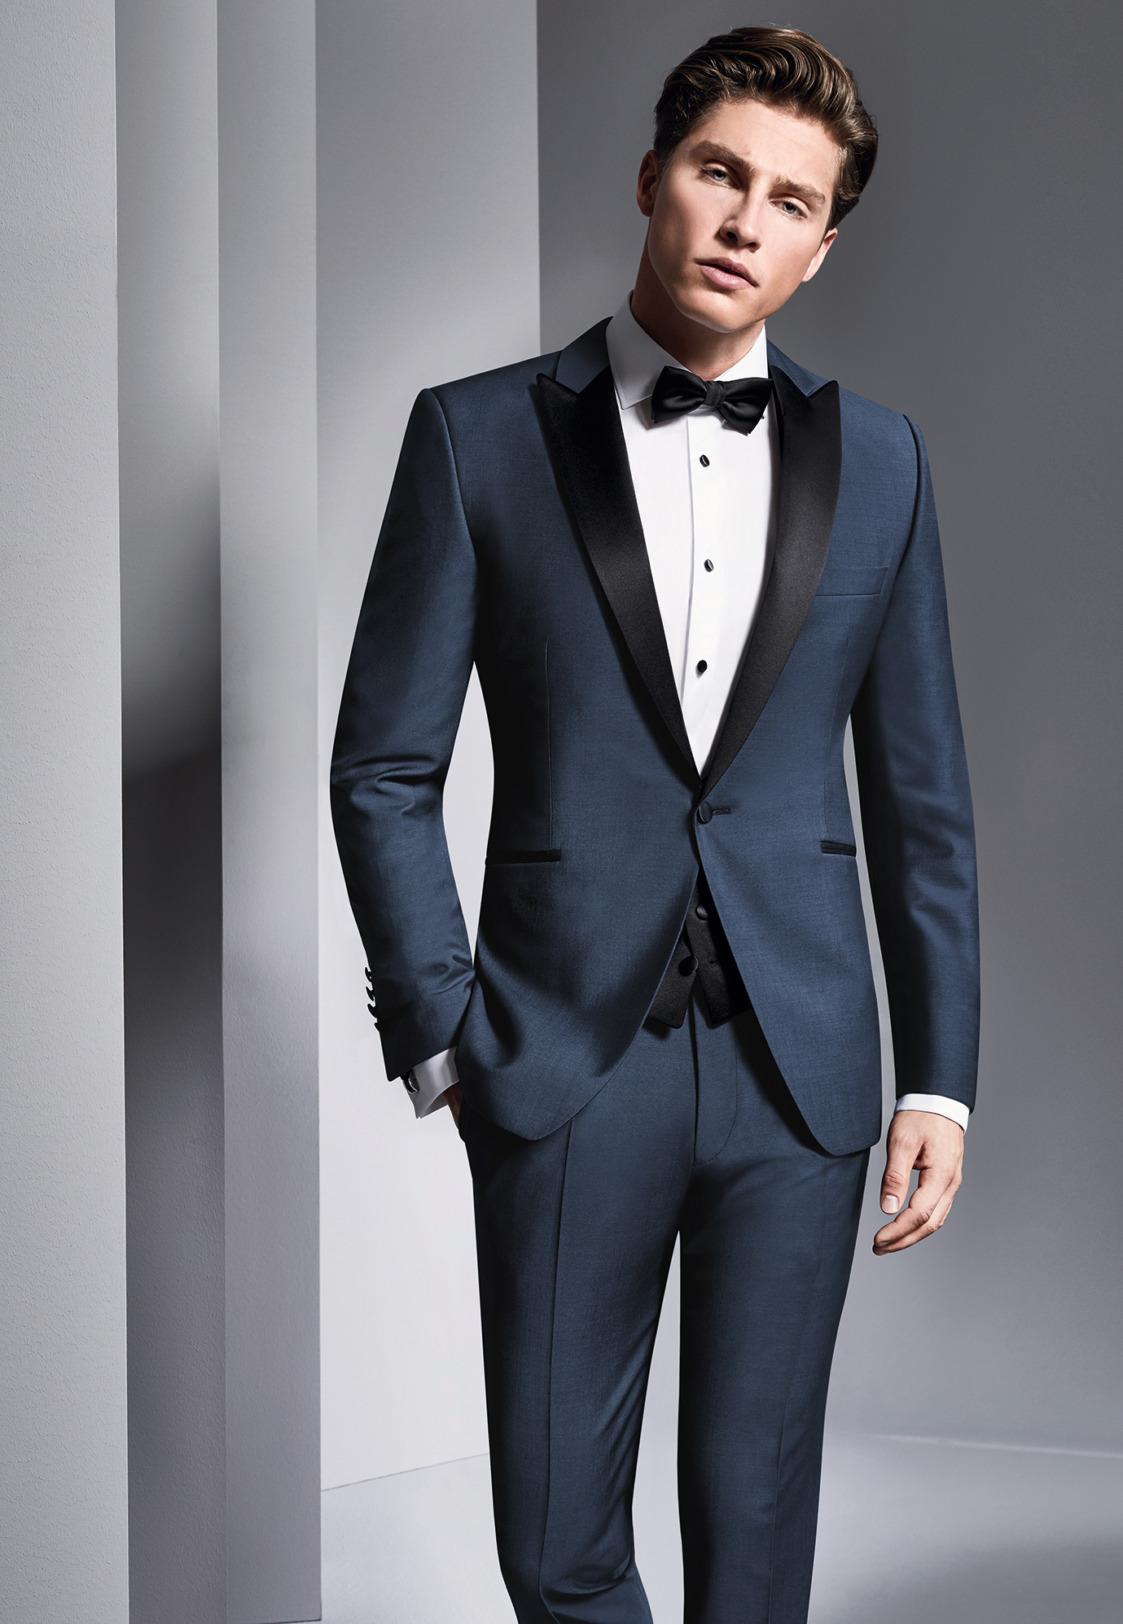 Wilvorst Hochzeitsanzug Männer Mode Anlass Bräutigam klassisch Smoking dunkelblau mit schwarzem Satin Revers Einknopf weisses Smokinghemd und schwarze Fliege